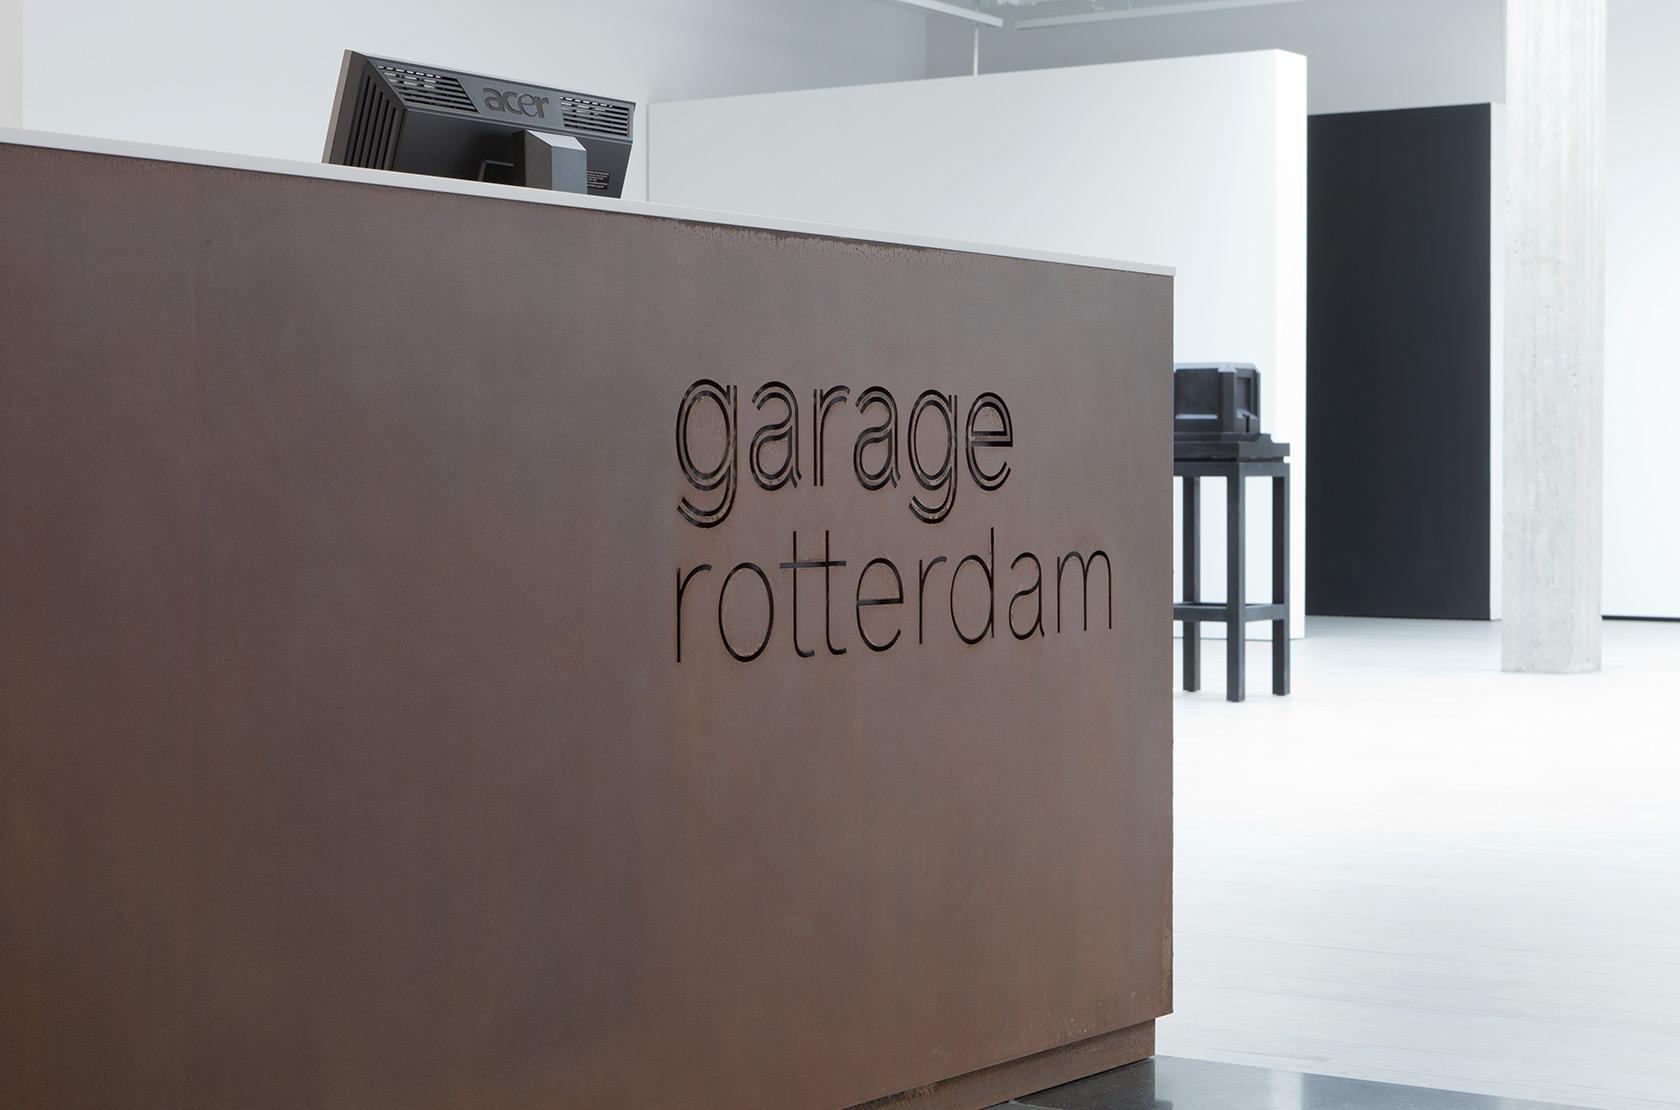 About Garage Rotterdam -